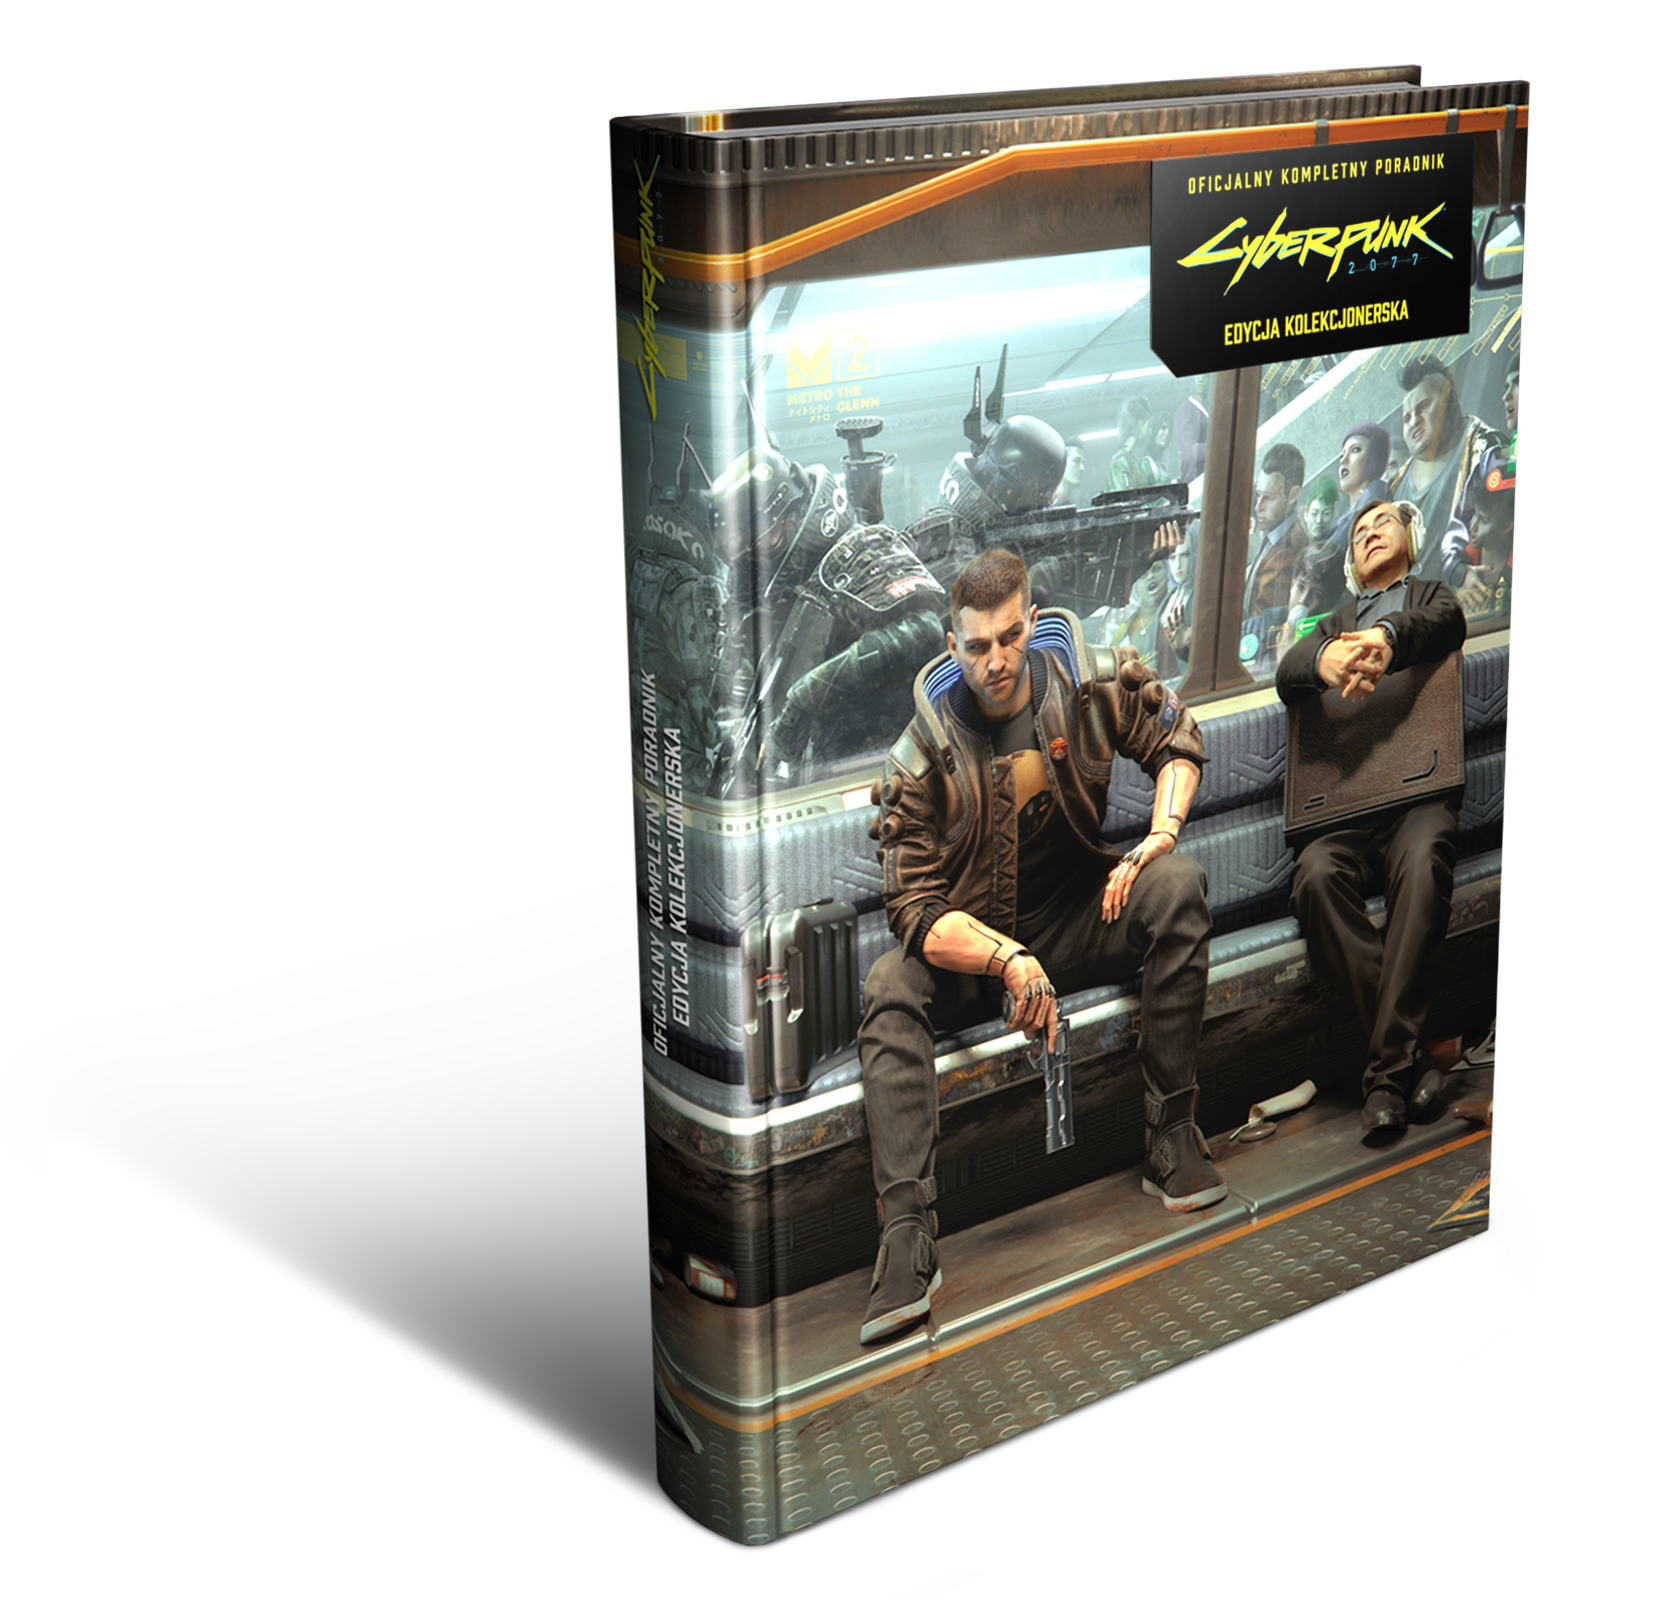 Cyberpunk 2077: Oficjalny Kompletny Poradnik – Edycja Kolekcjonerska